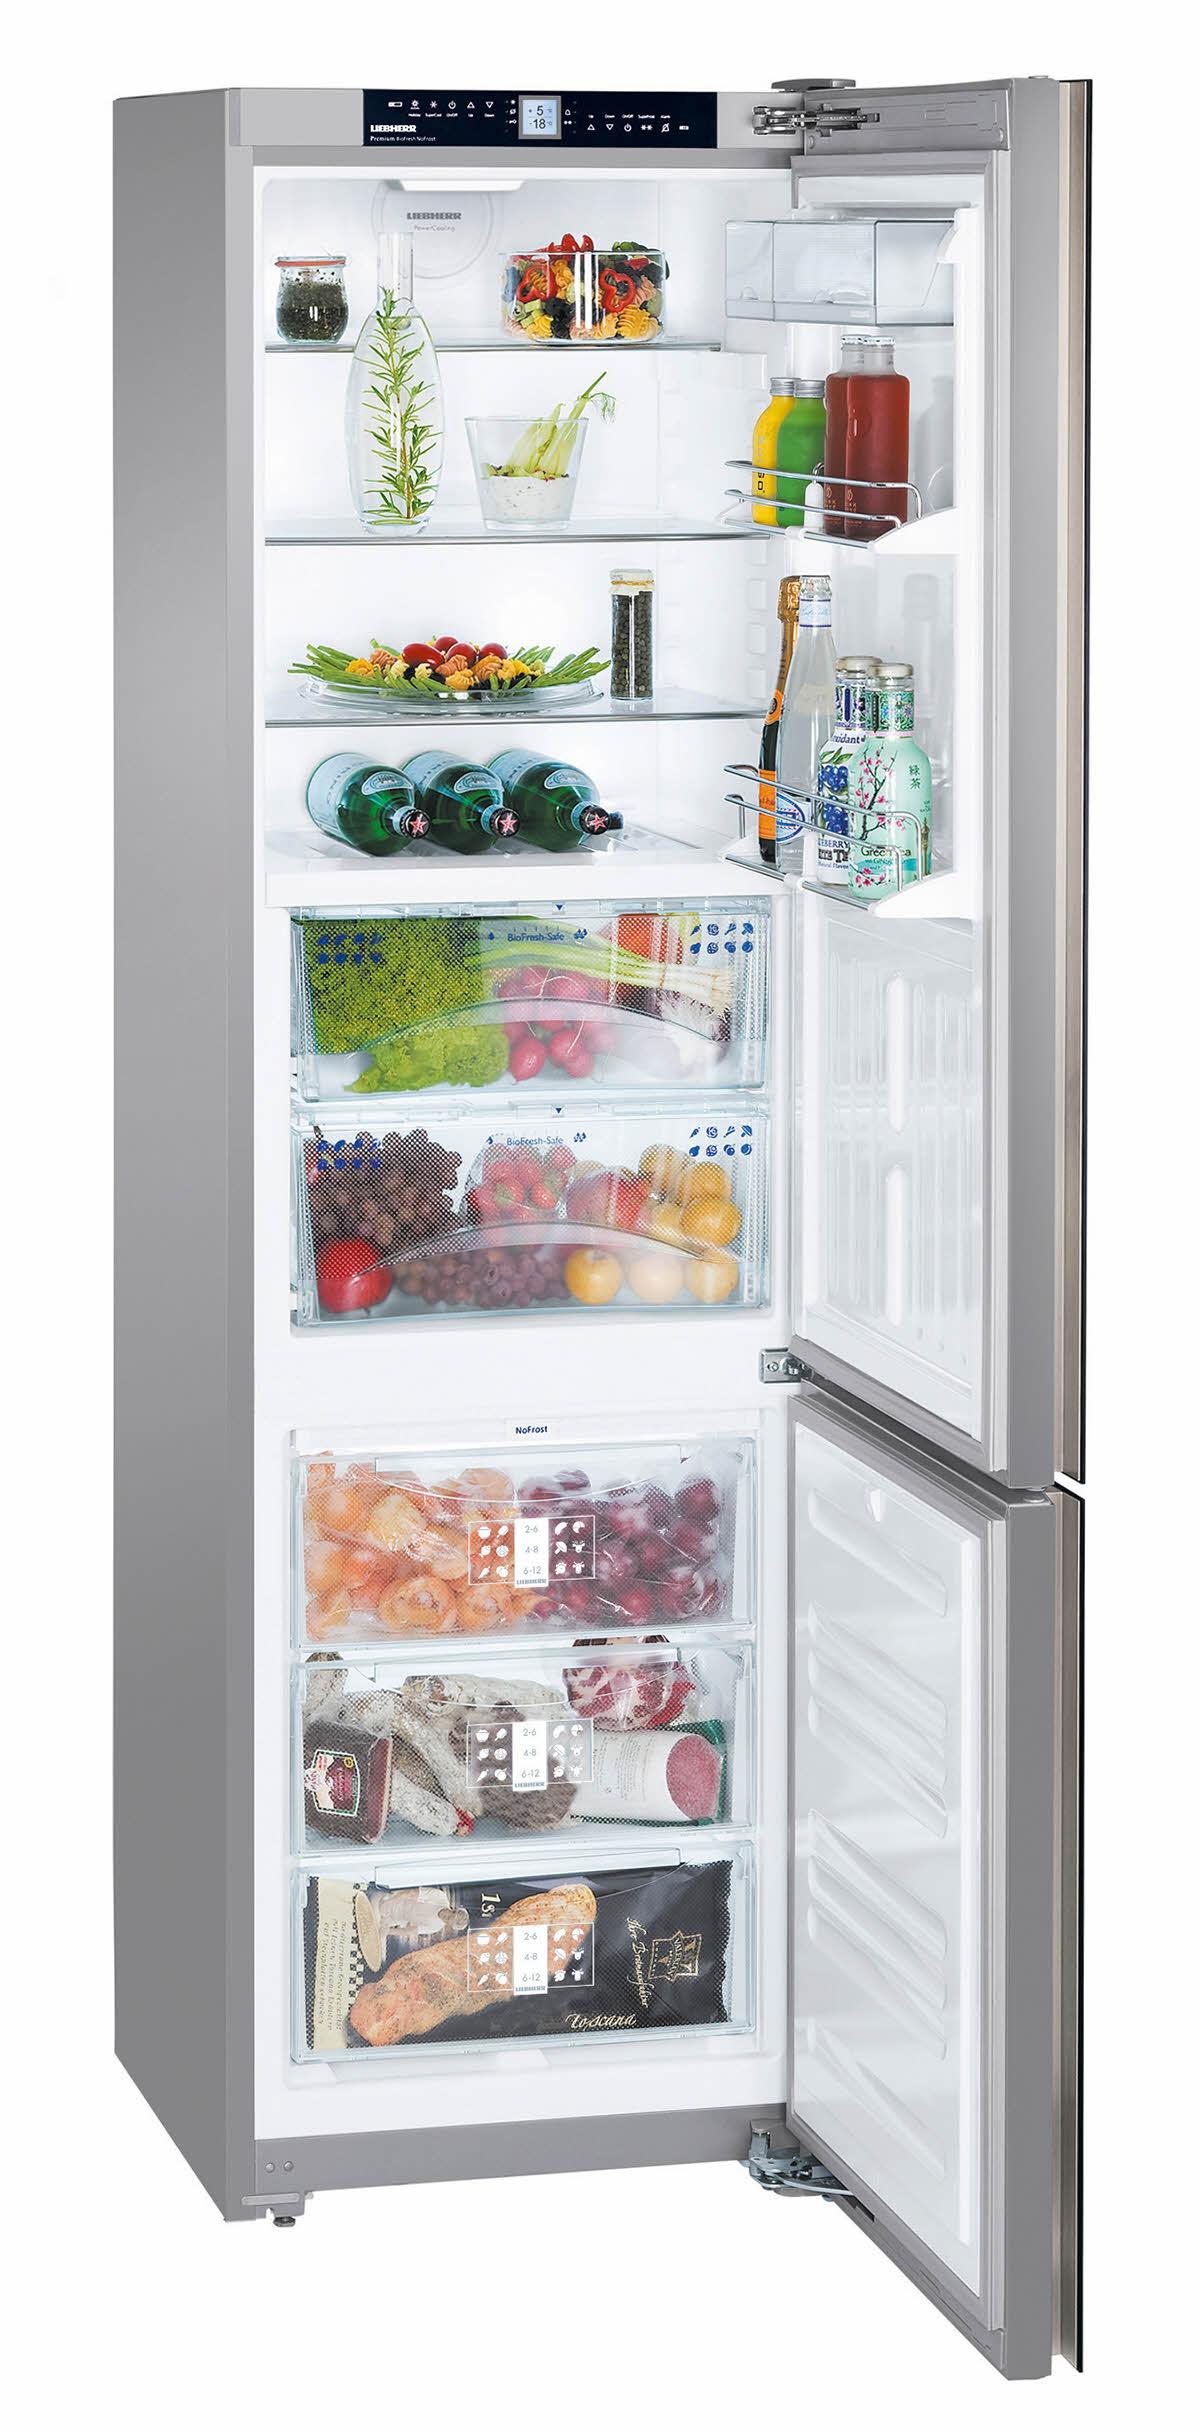 liebherr cbnpgb 3956 premium major household appliances rh bm lv